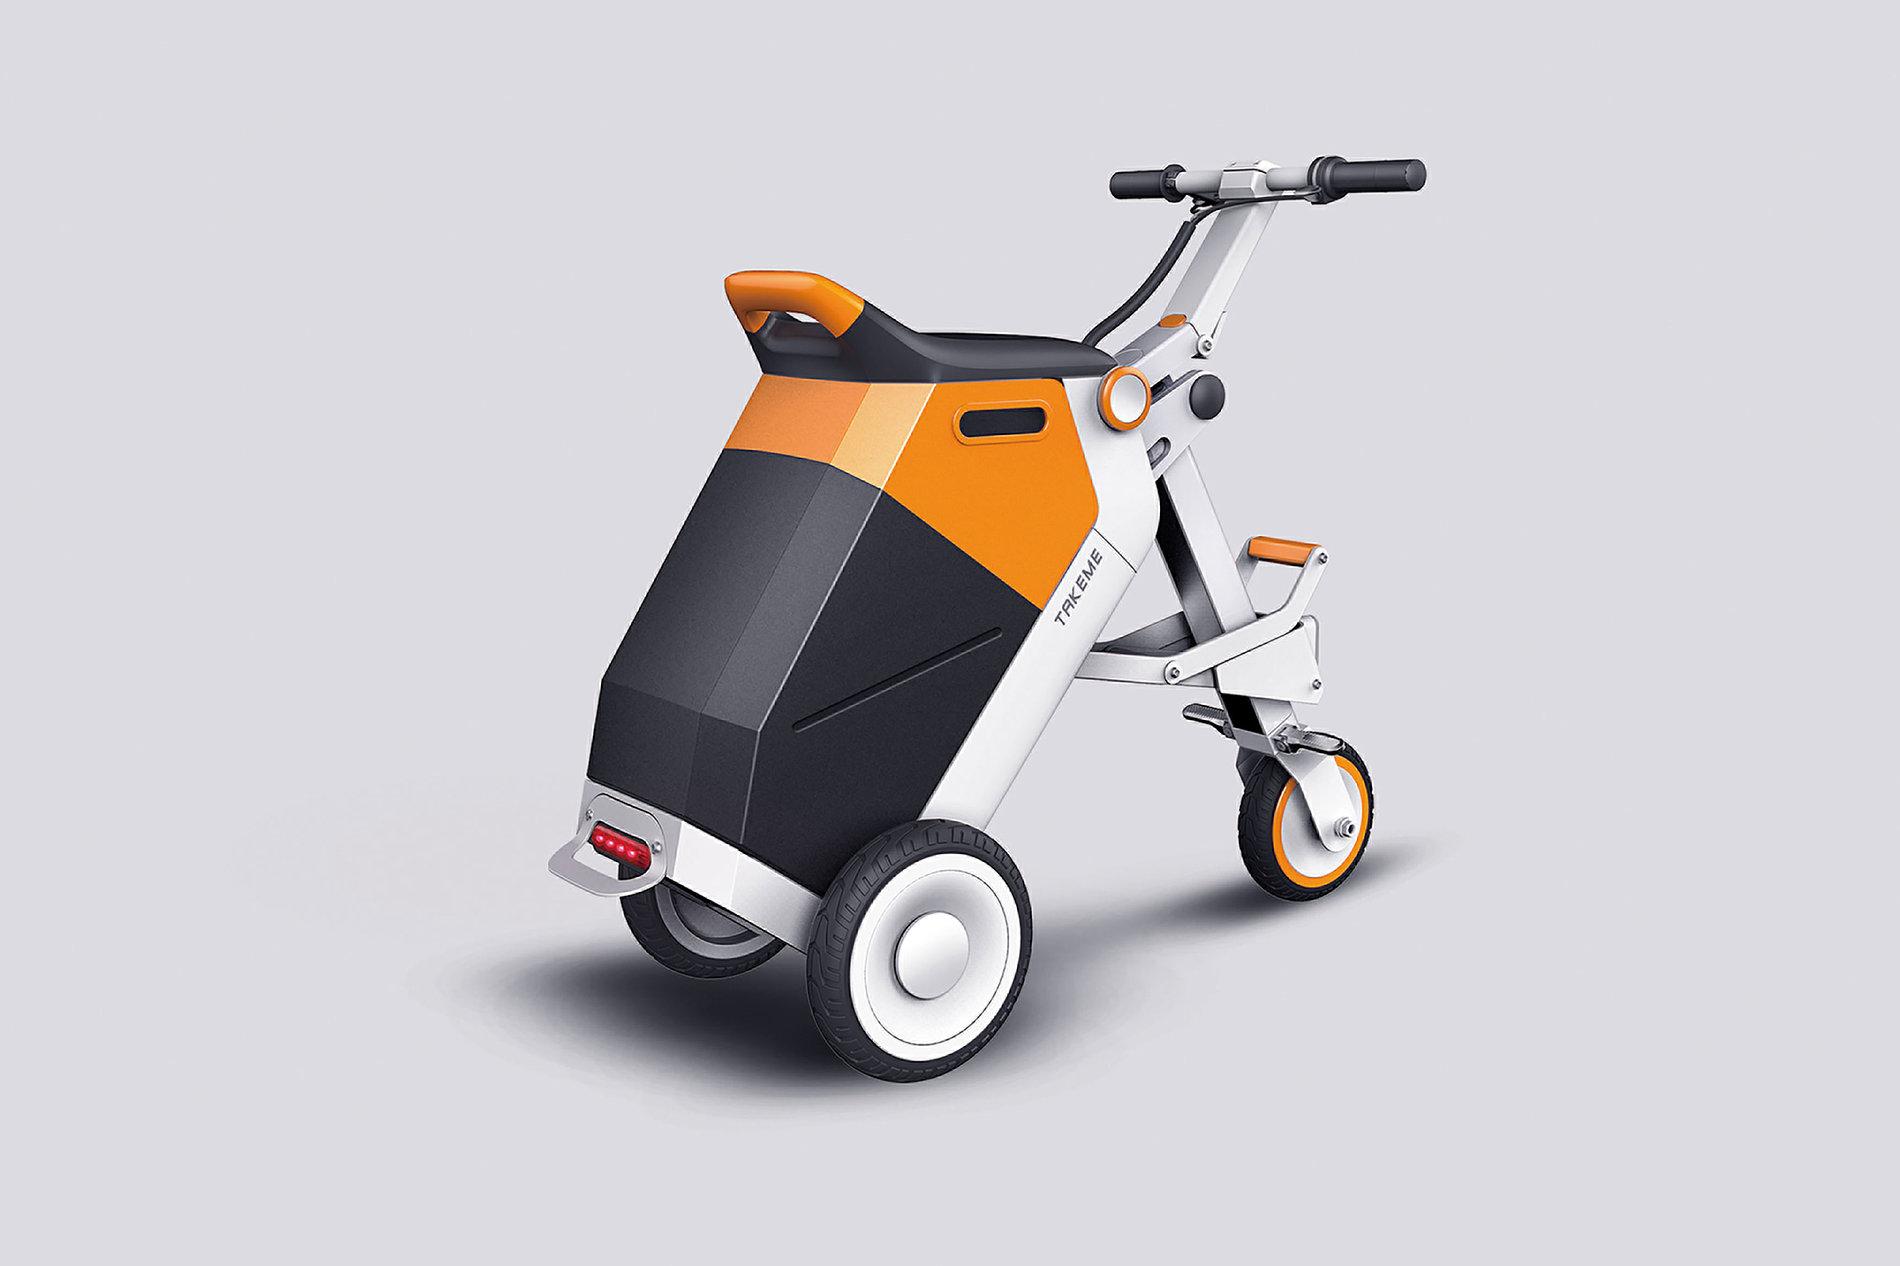 TAKEME-Electric Bike For the Elderly | Red Dot Design Award